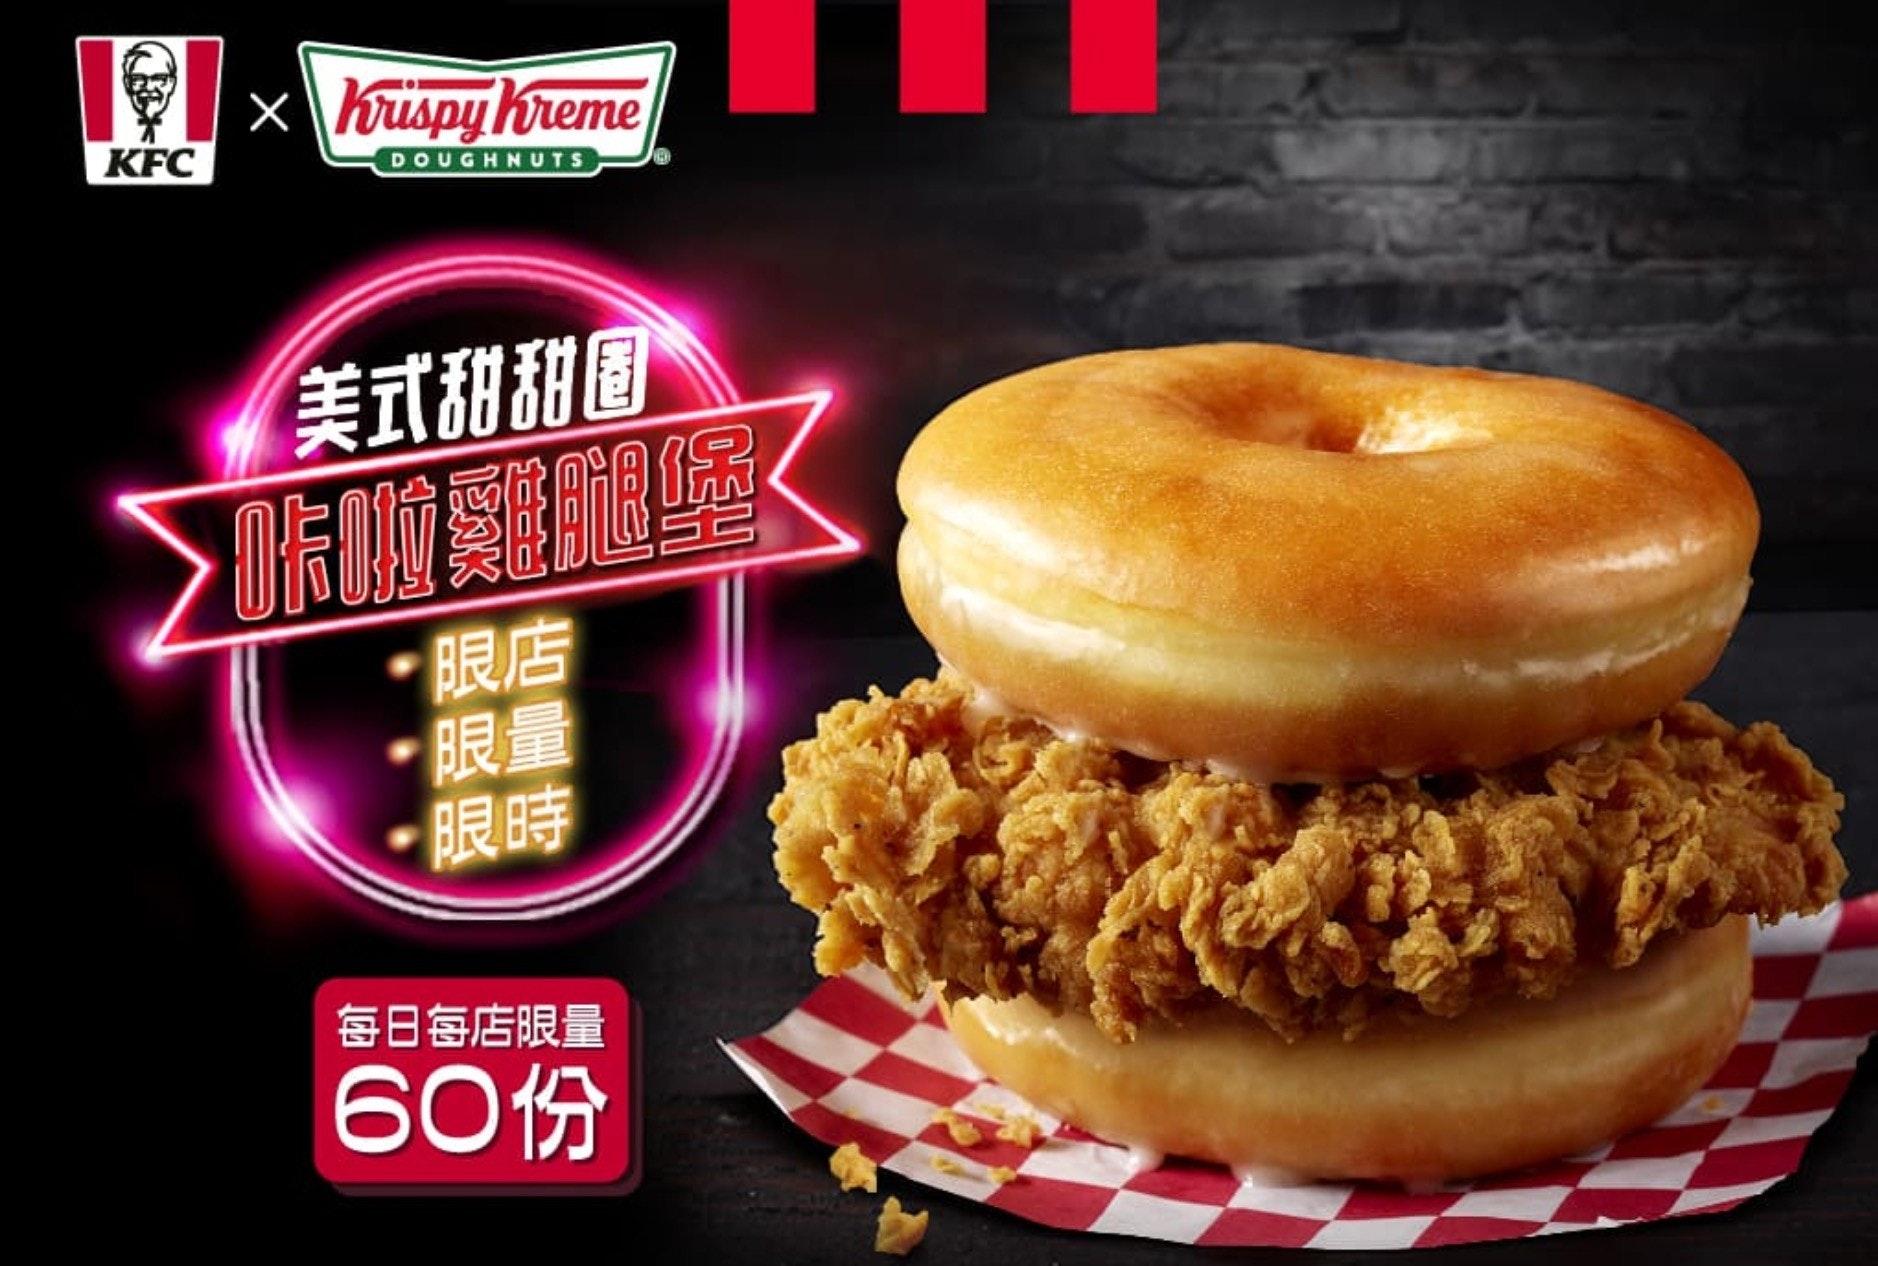 照片中提到了X hrispy hreme、KFC、DOUGHNUTS,跟克里斯皮·克雷梅、肯德基有關,包含了肯德基甜甜圈炸雞三明治、甜甜圈、炸雞、炸子雞